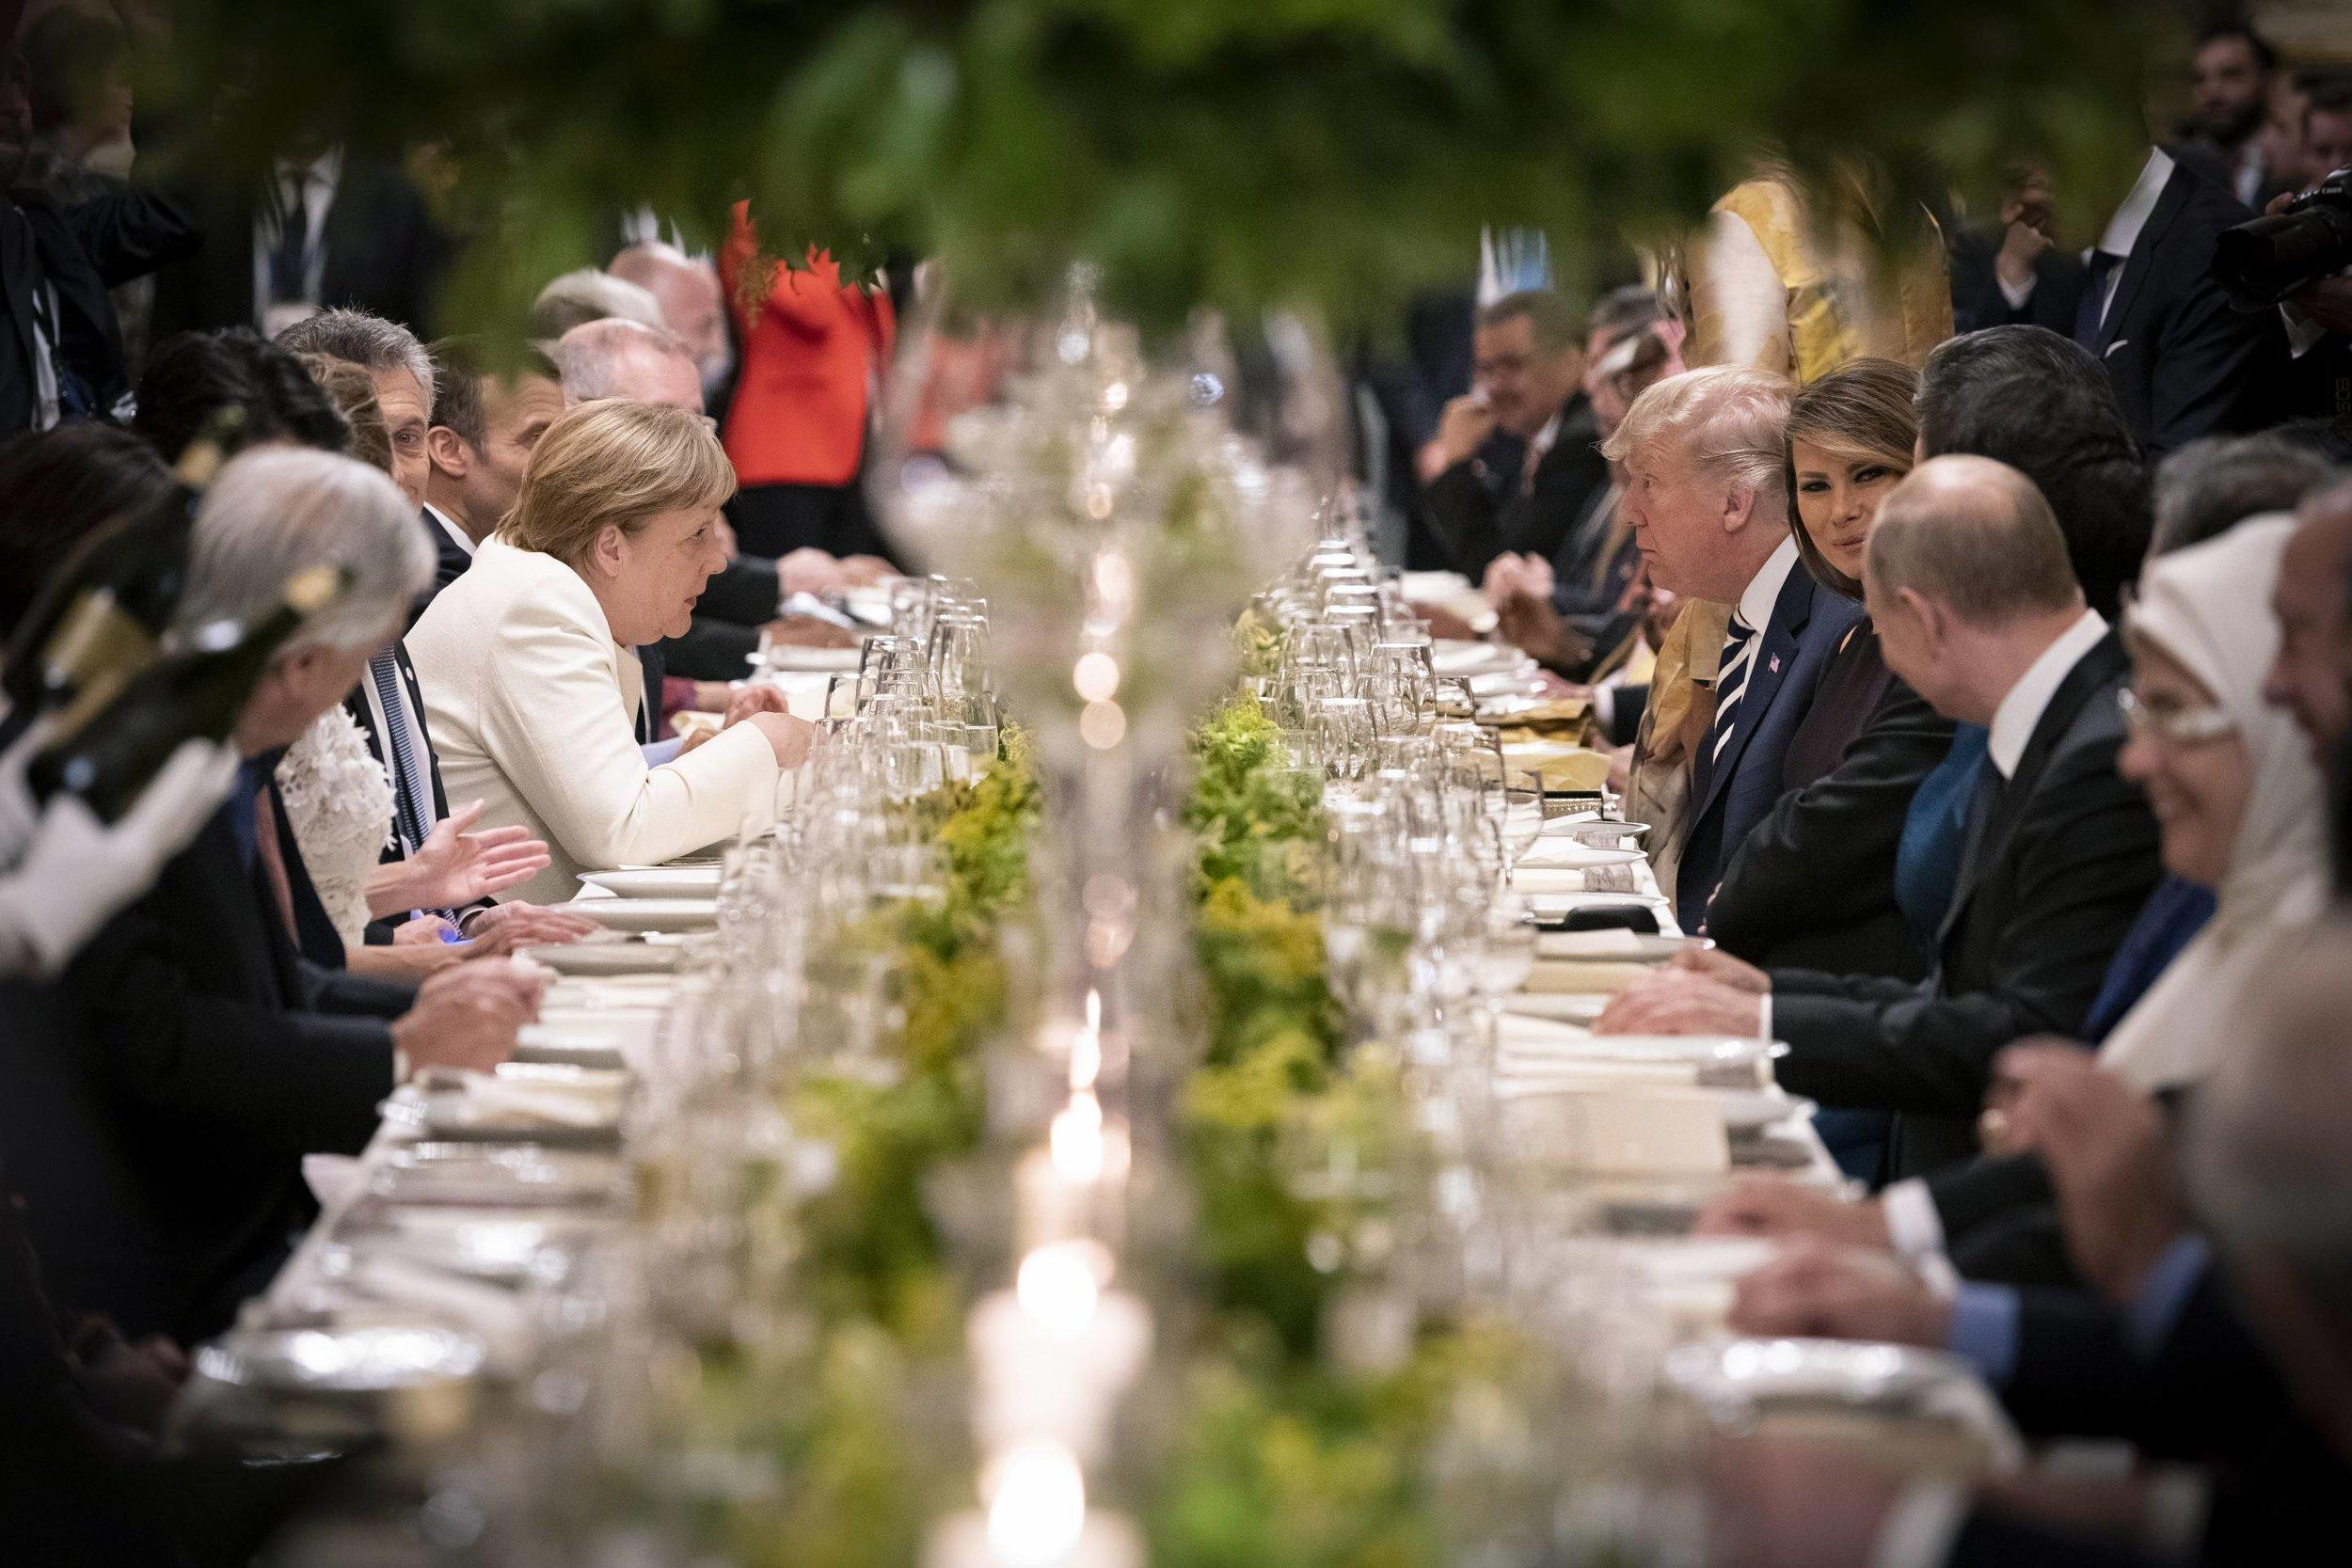 В центрі - федеральна канцлерка Німеччини Ангела Меркель, президент США Дональд Трамп, перша леді США Меланія Трамп  Fortune